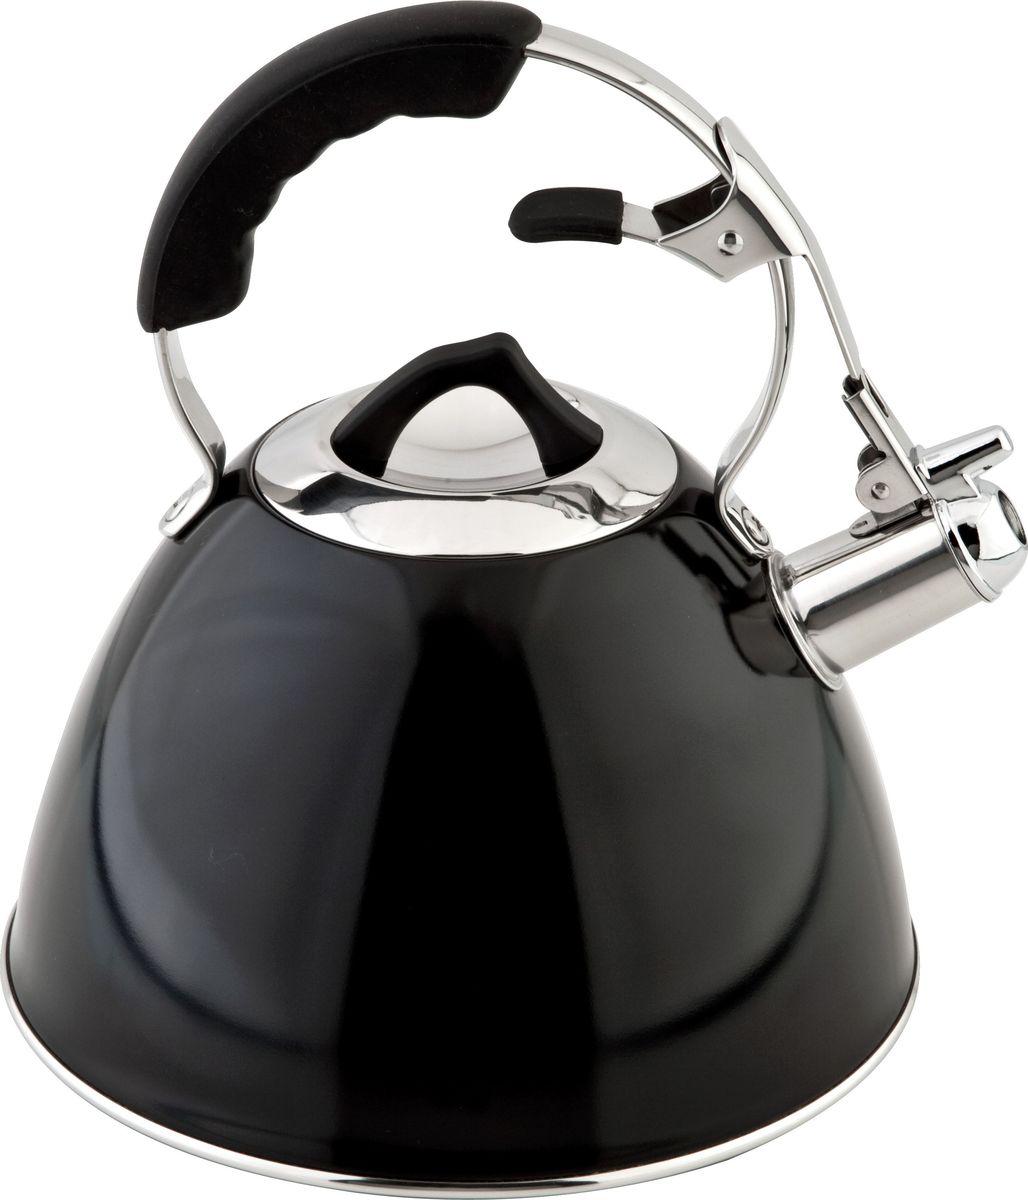 Чайник Carl Schmidt Sohn Aquatic, со свистком, цвет: черный, 3 л058463Чайник Carl Schmidt Sohn Aquatic изготовлен из высококачественной нержавеющей стали.Нержавеющая сталь обладает высокой устойчивостью к коррозии, не вступает в реакцию с холодными и горячими продуктами и полностью сохраняет их вкусовые качества.Носик чайника имеет откидной свисток, звуковой сигнал которого подскажет, когда закипит вода.Подходит для всех типов плит, включая индукционные.